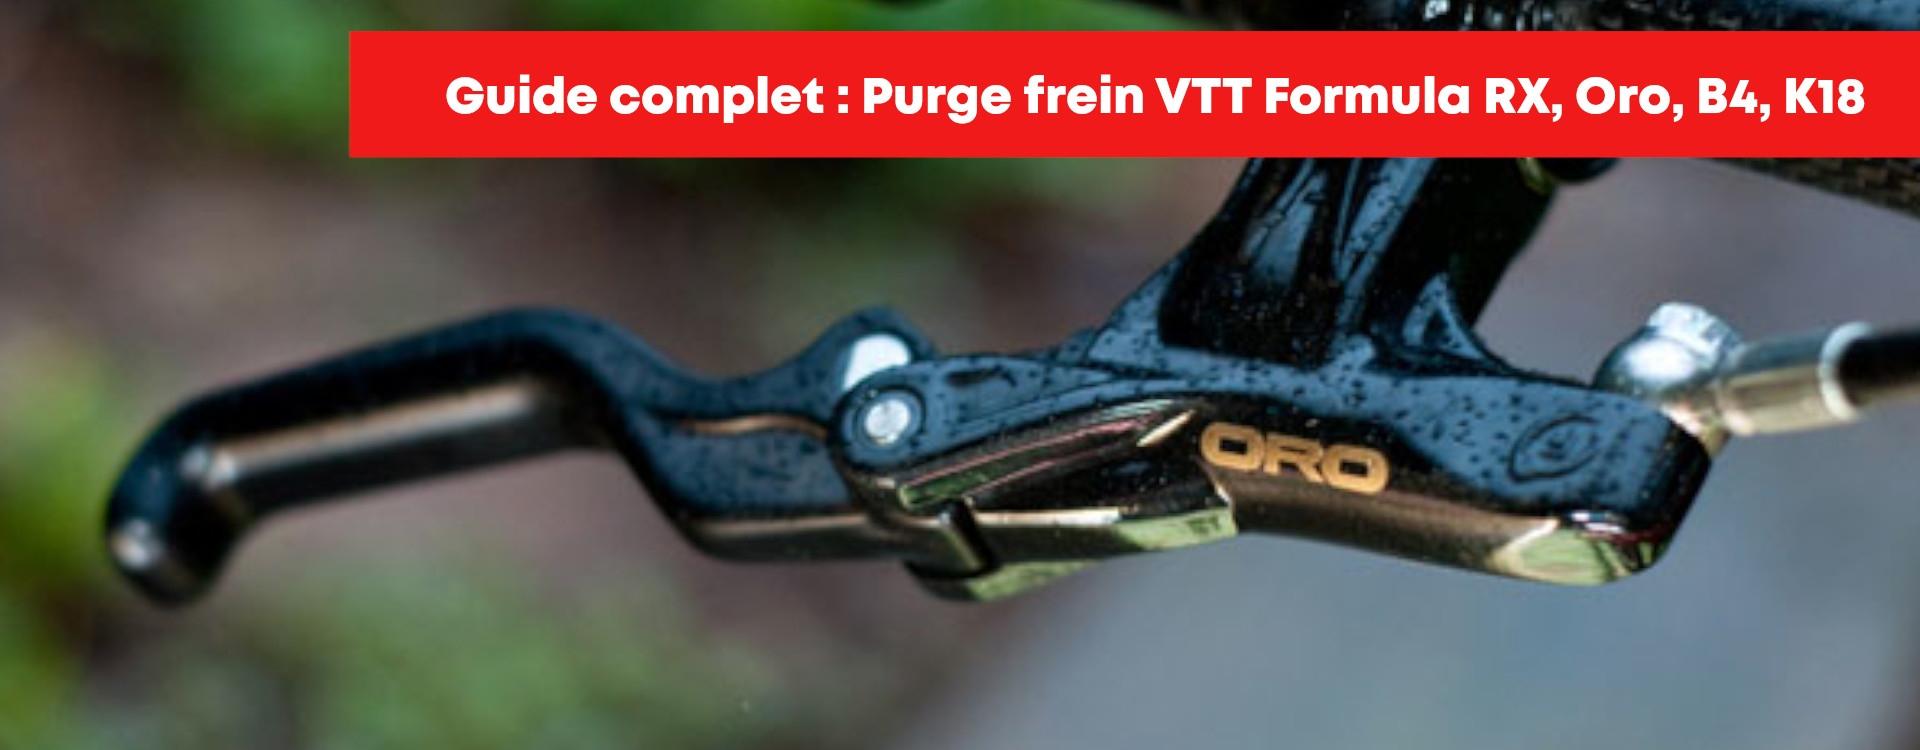 Purge frein Formula RX, ORO, R1, B4, K18, étape par étape !!!